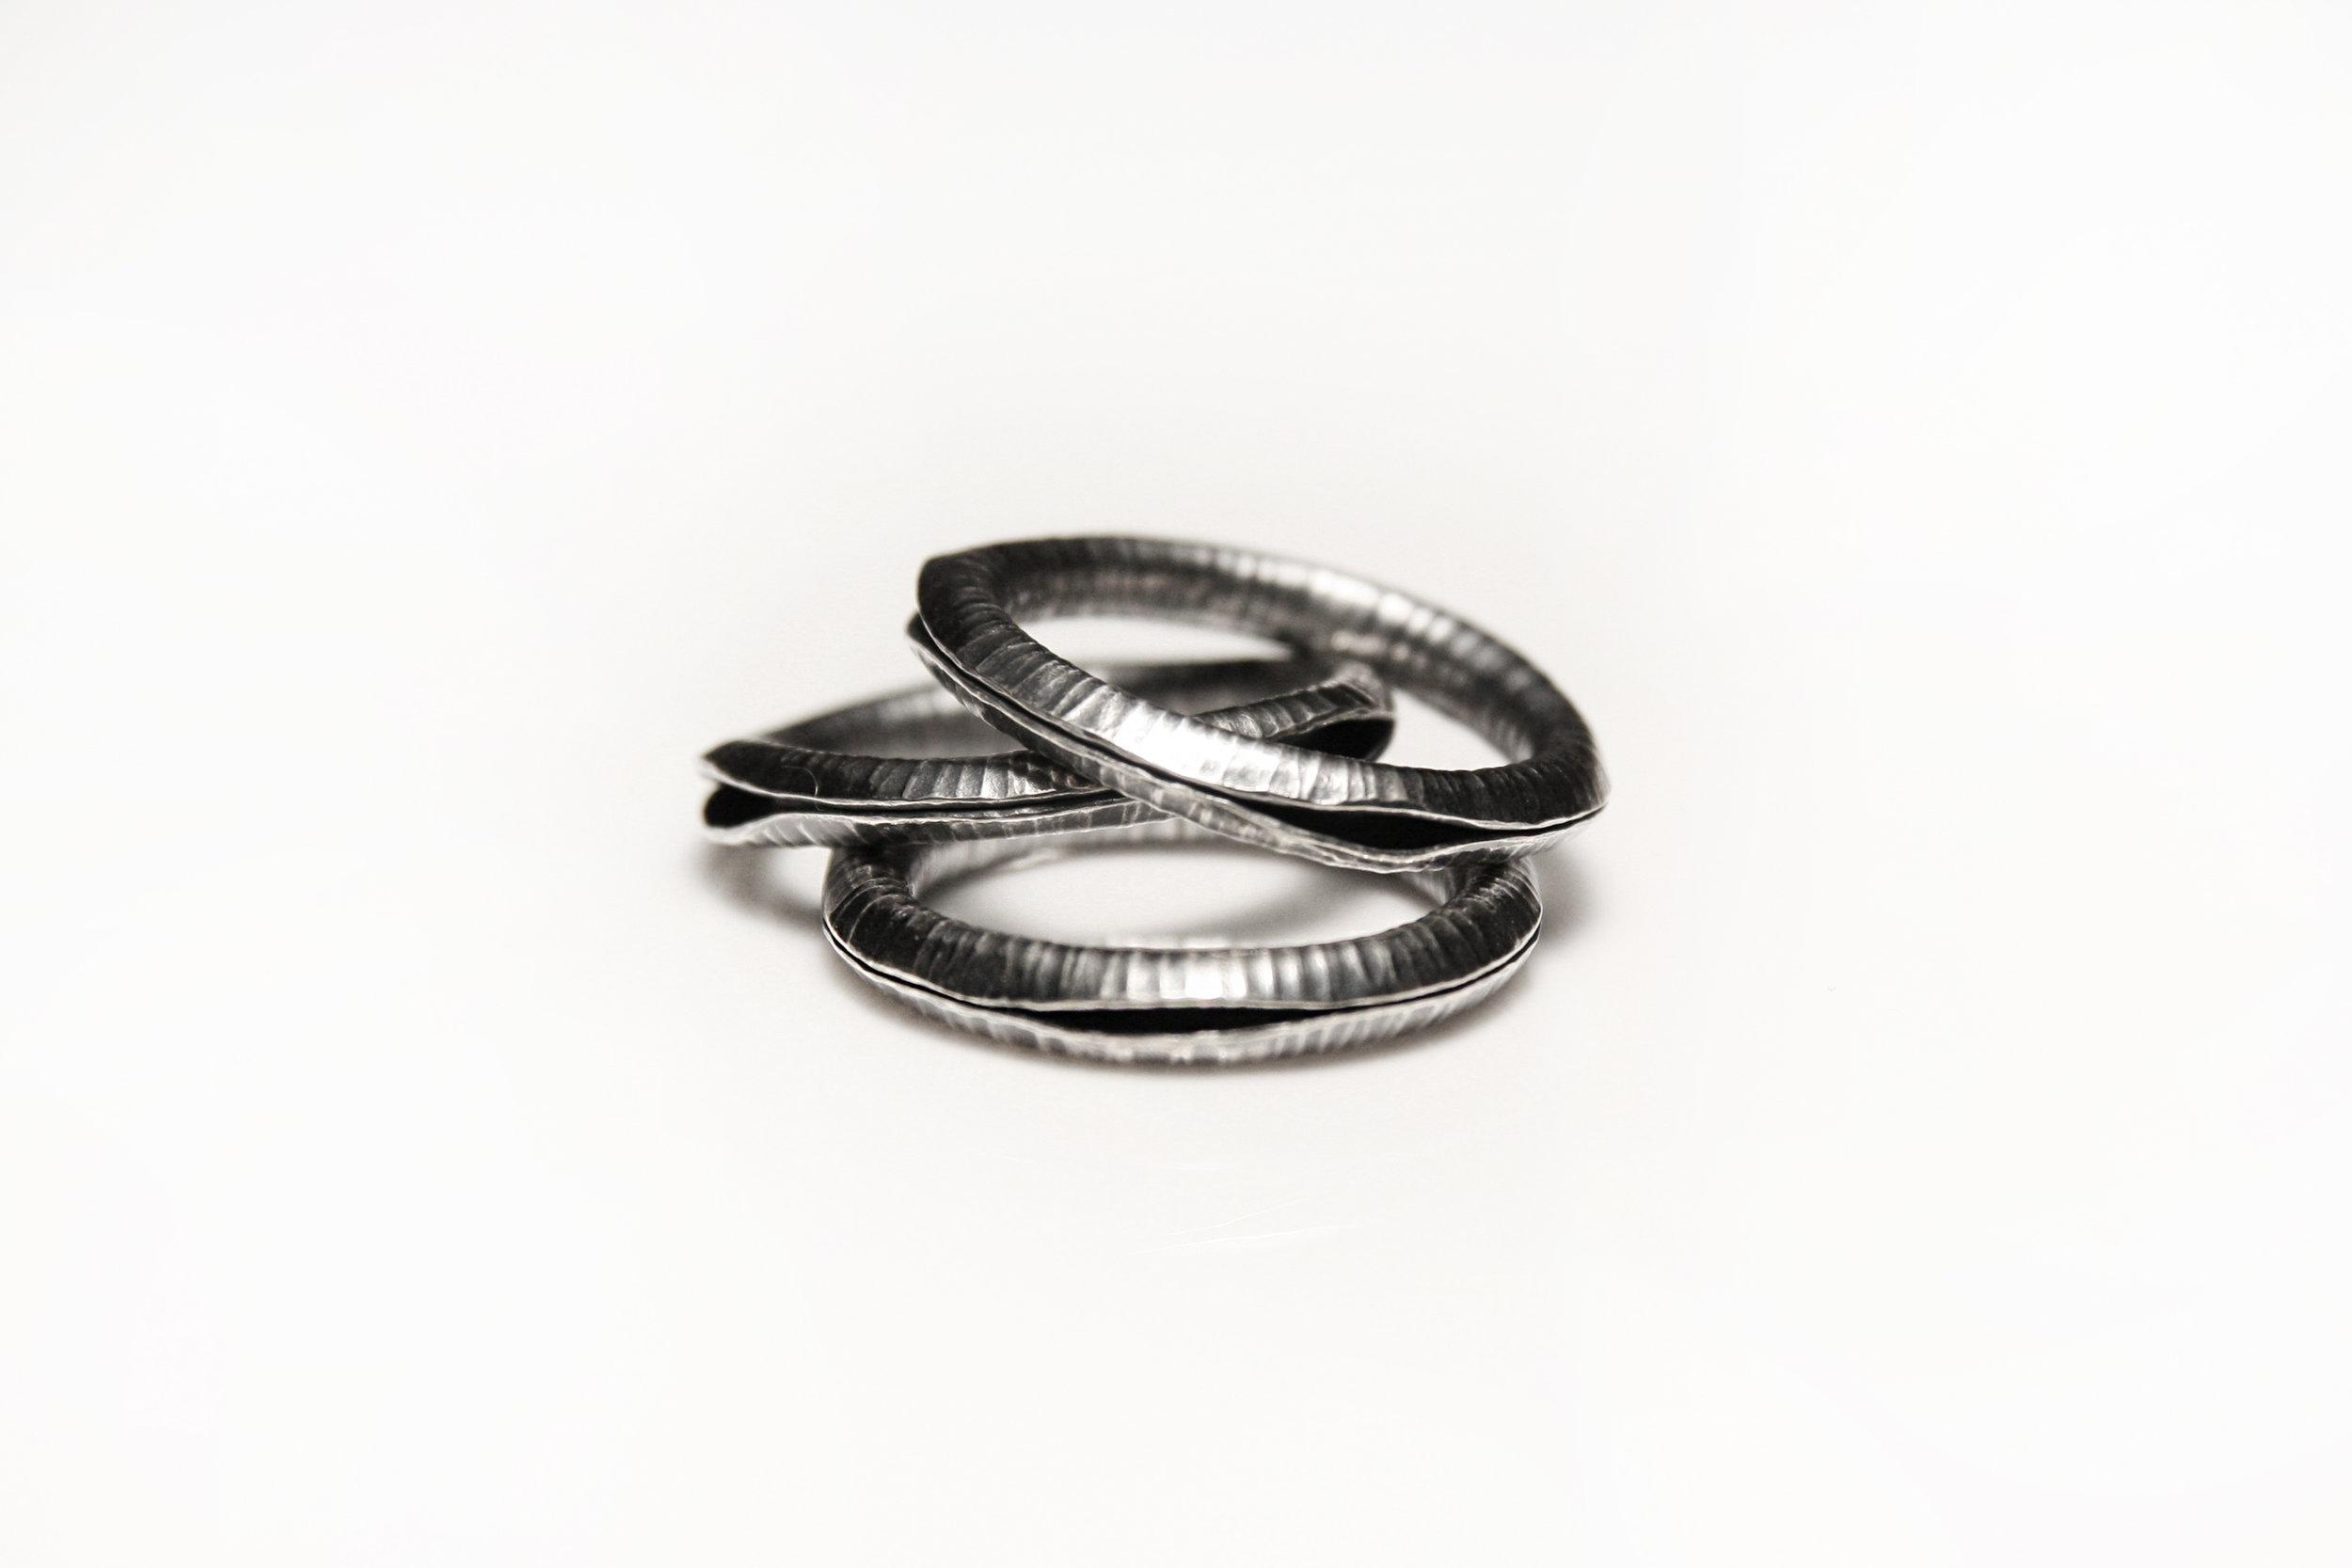 zebra_pod_rings_3_light.jpg